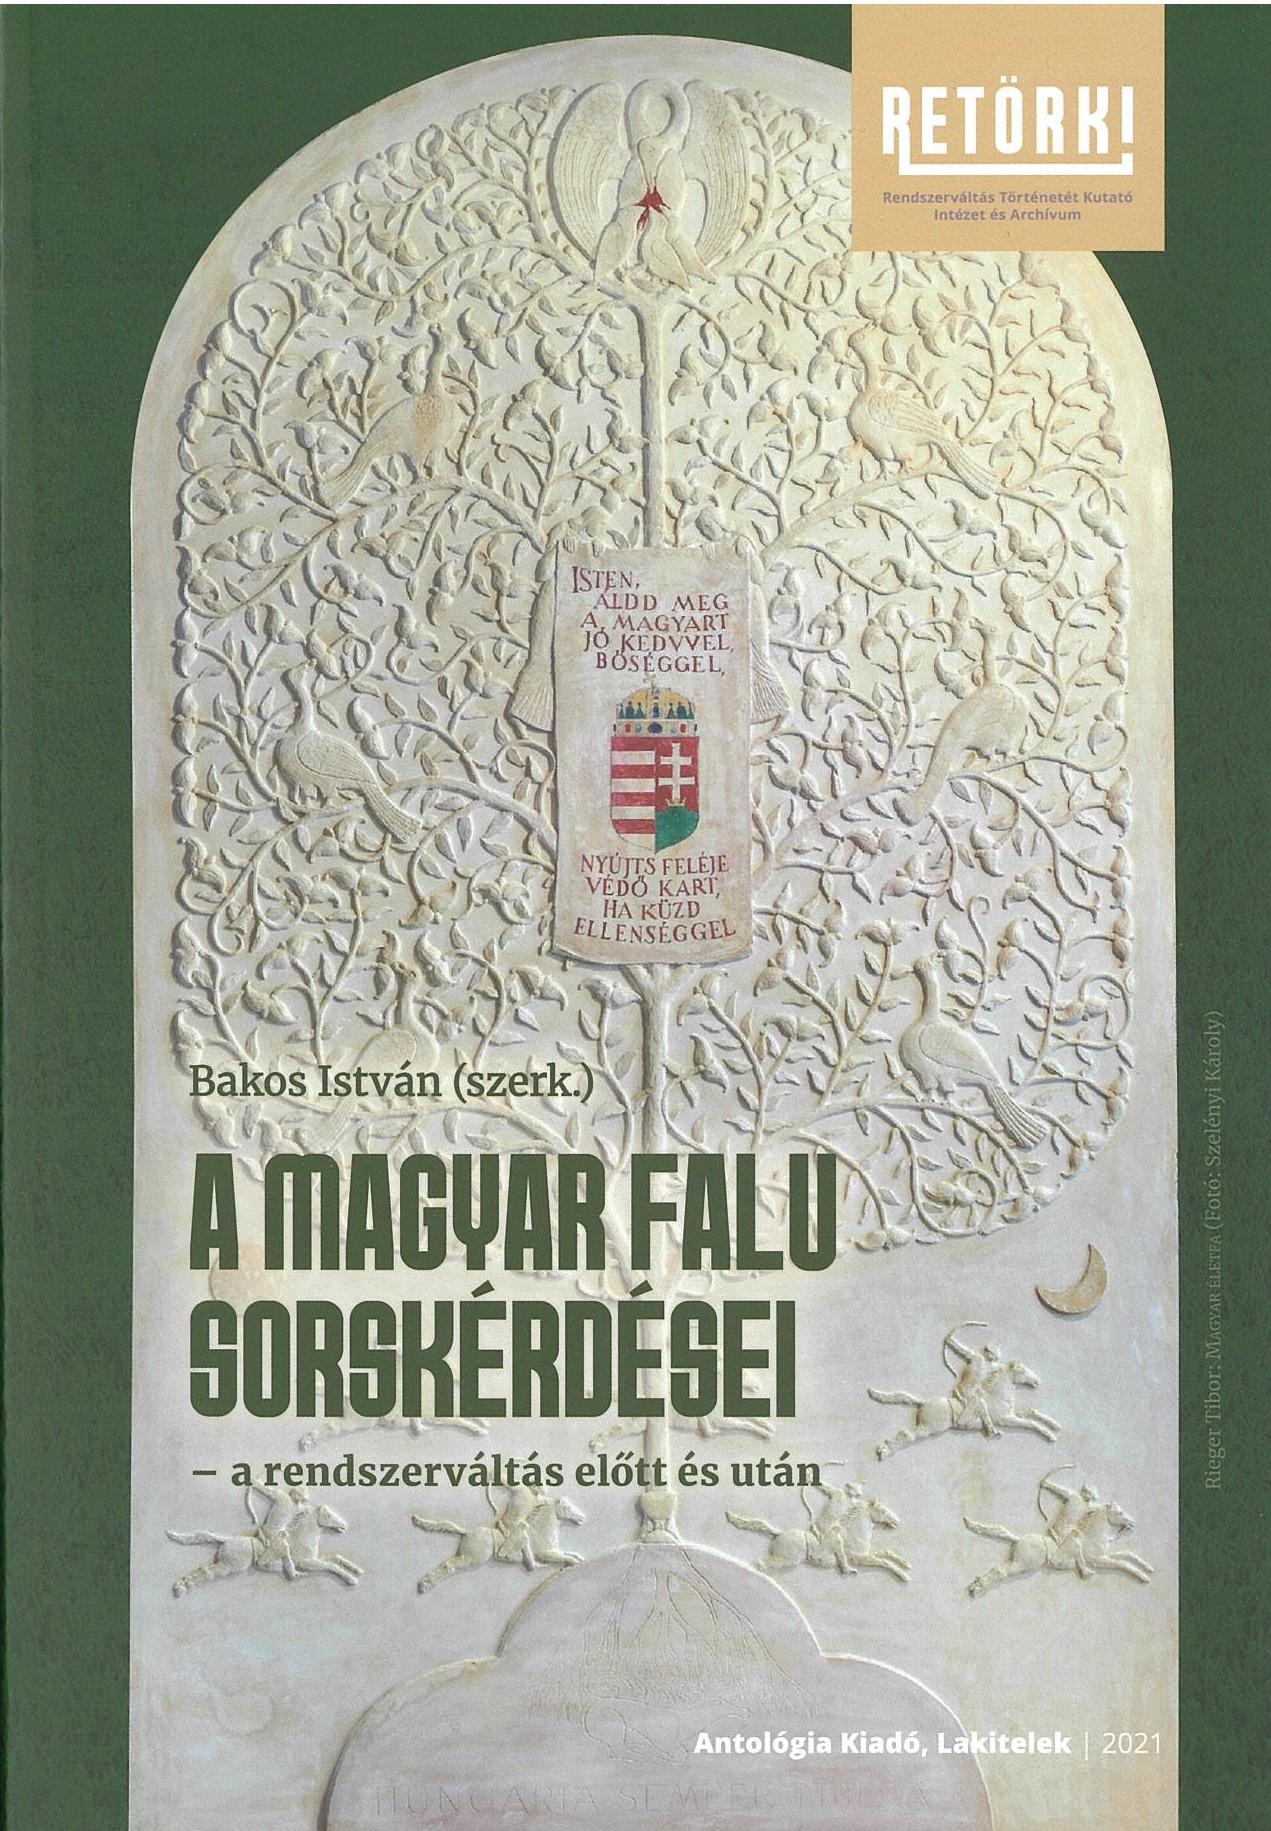 A magyar falu sorskérdései - a rendszerváltás előtt és után